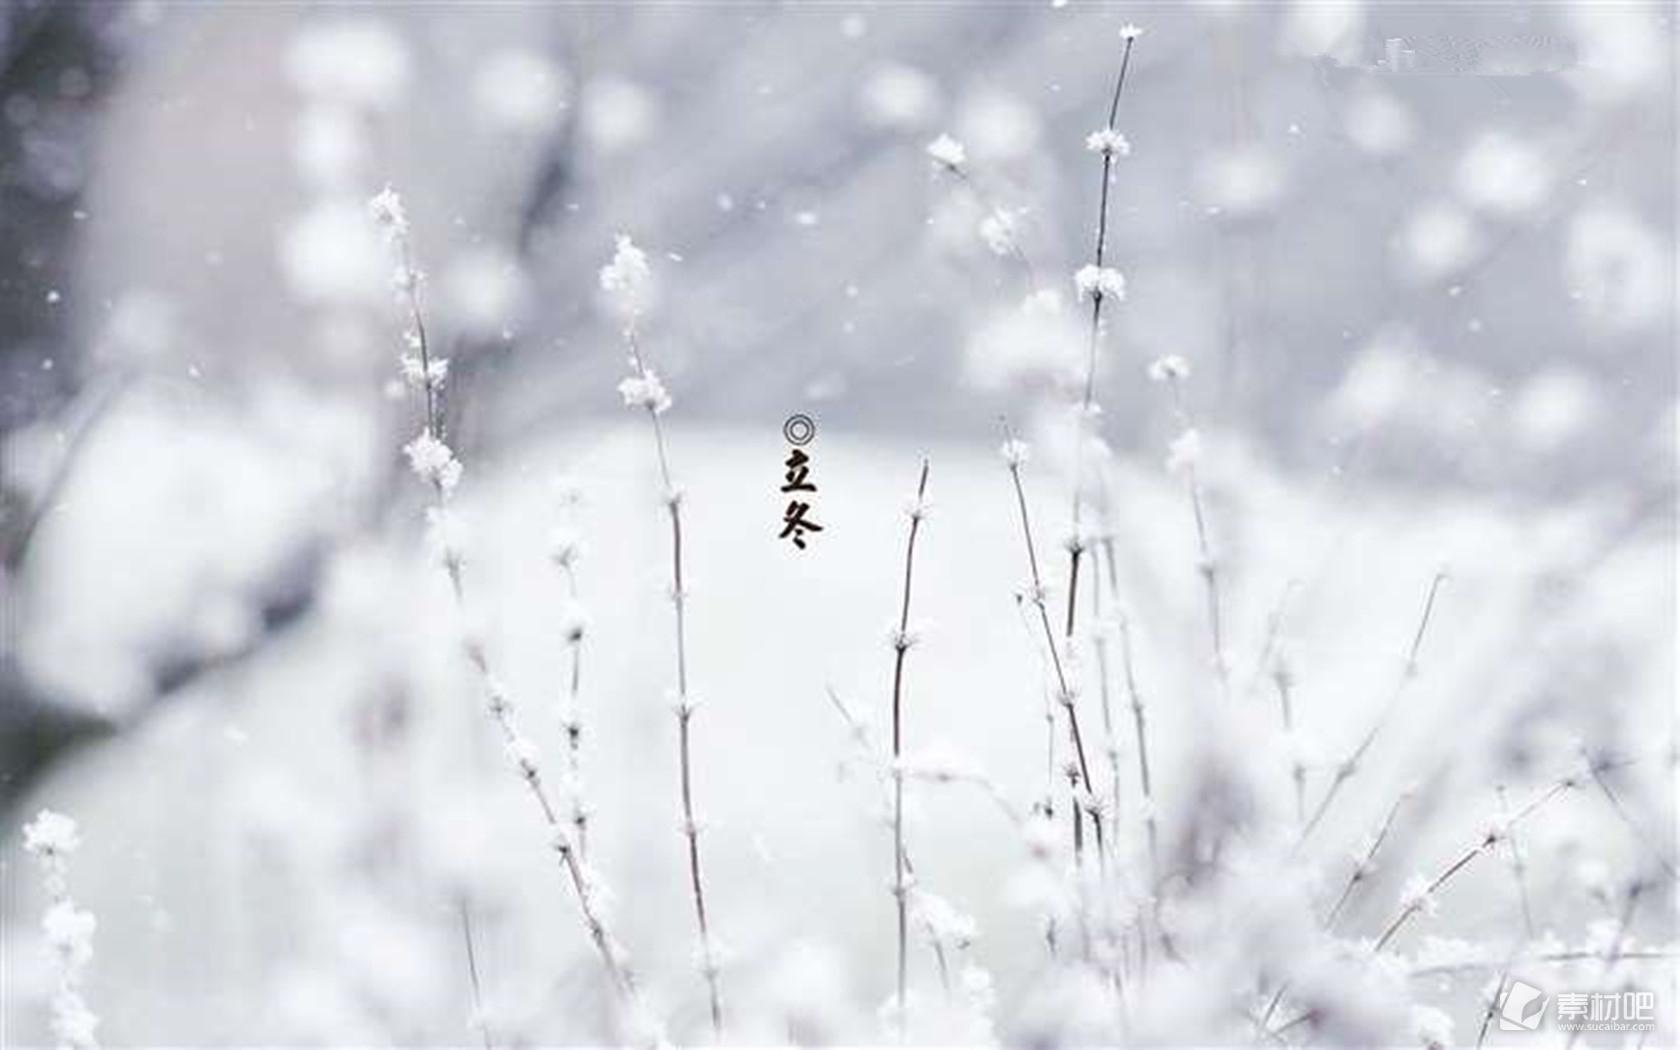 24节气立冬雪景高清节气壁纸